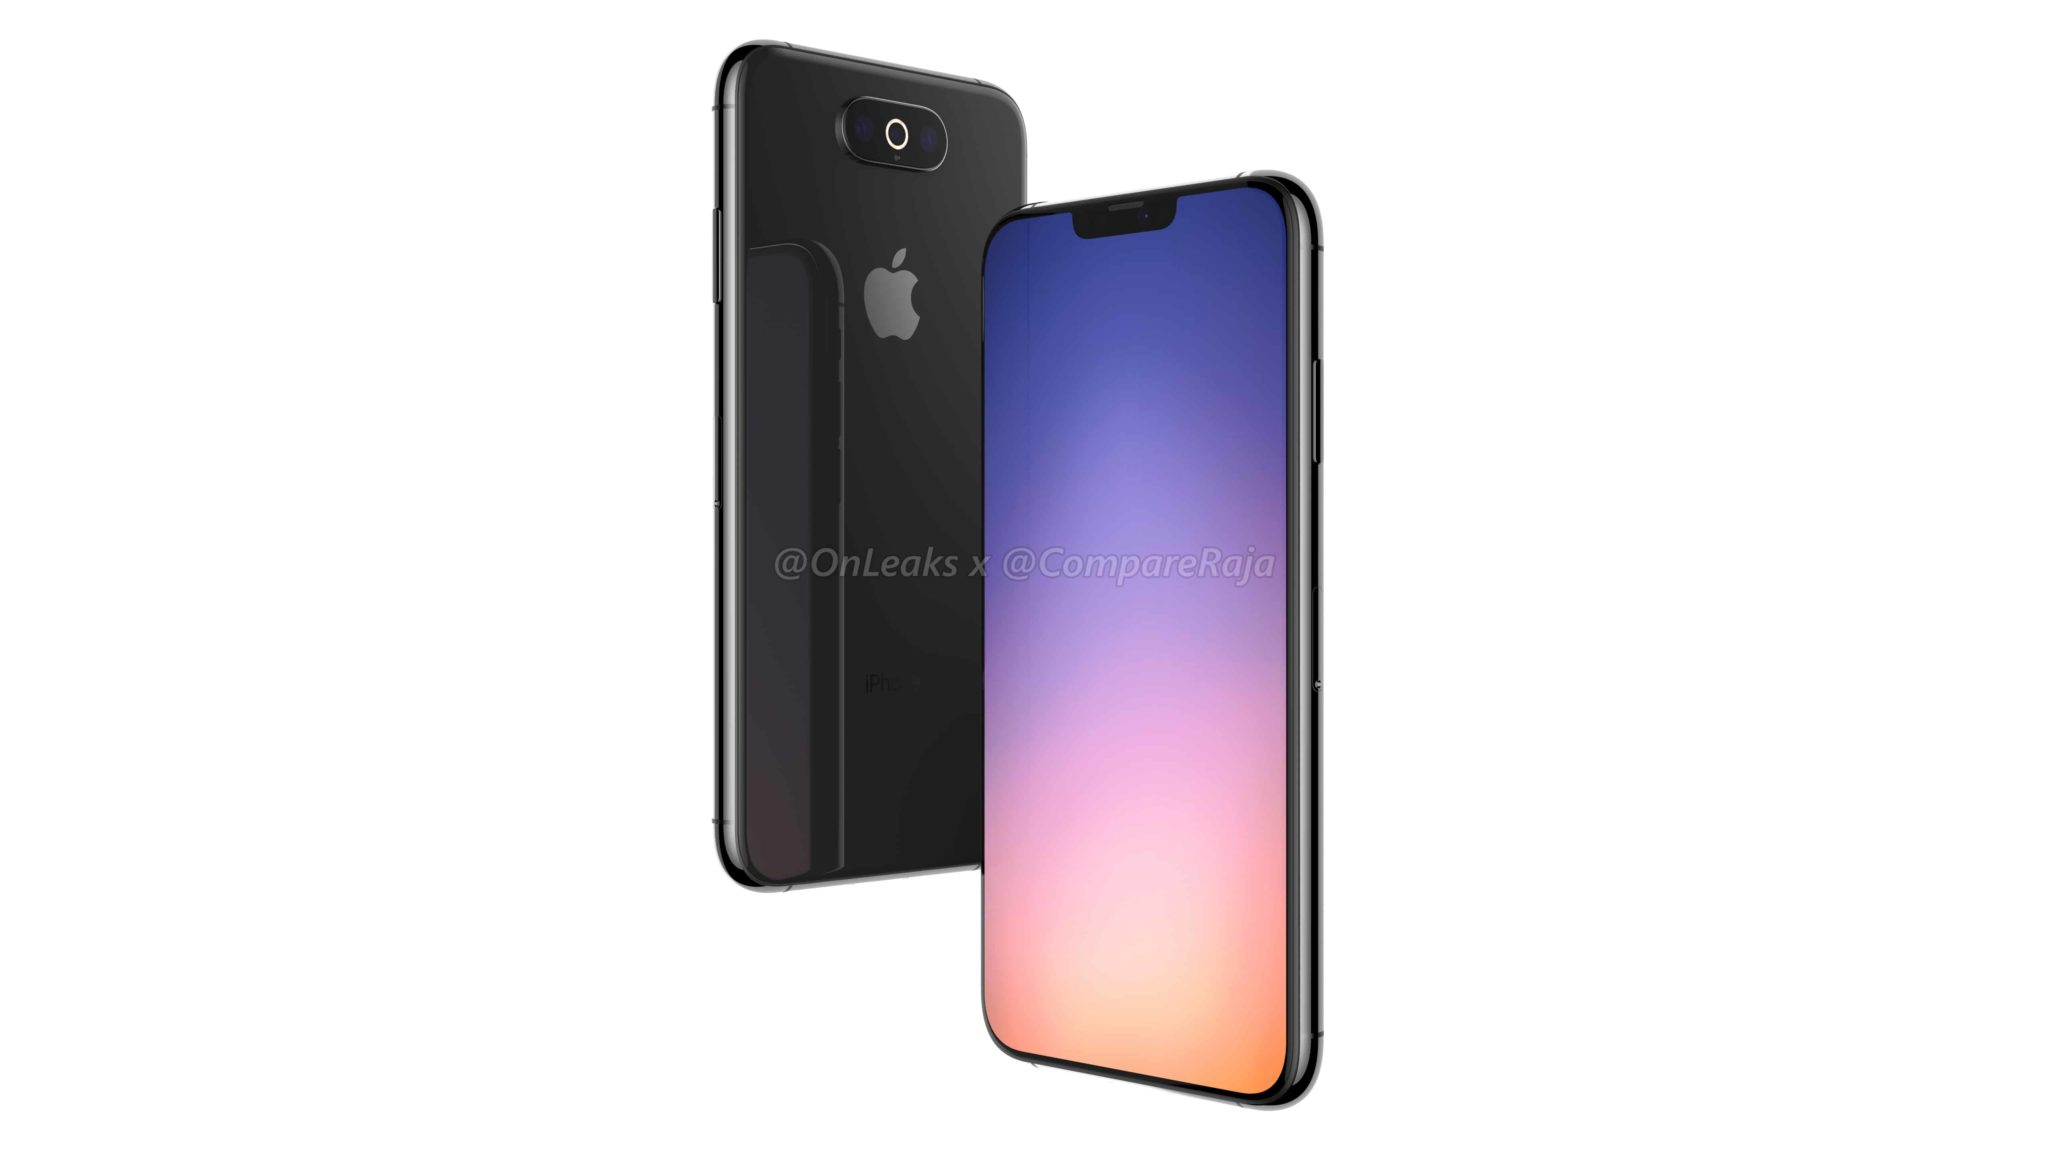 iphone xi 2019 compareraja 2 - Nový iPhone: vyššie rozlíšenie kamier, stále Lightning konektor